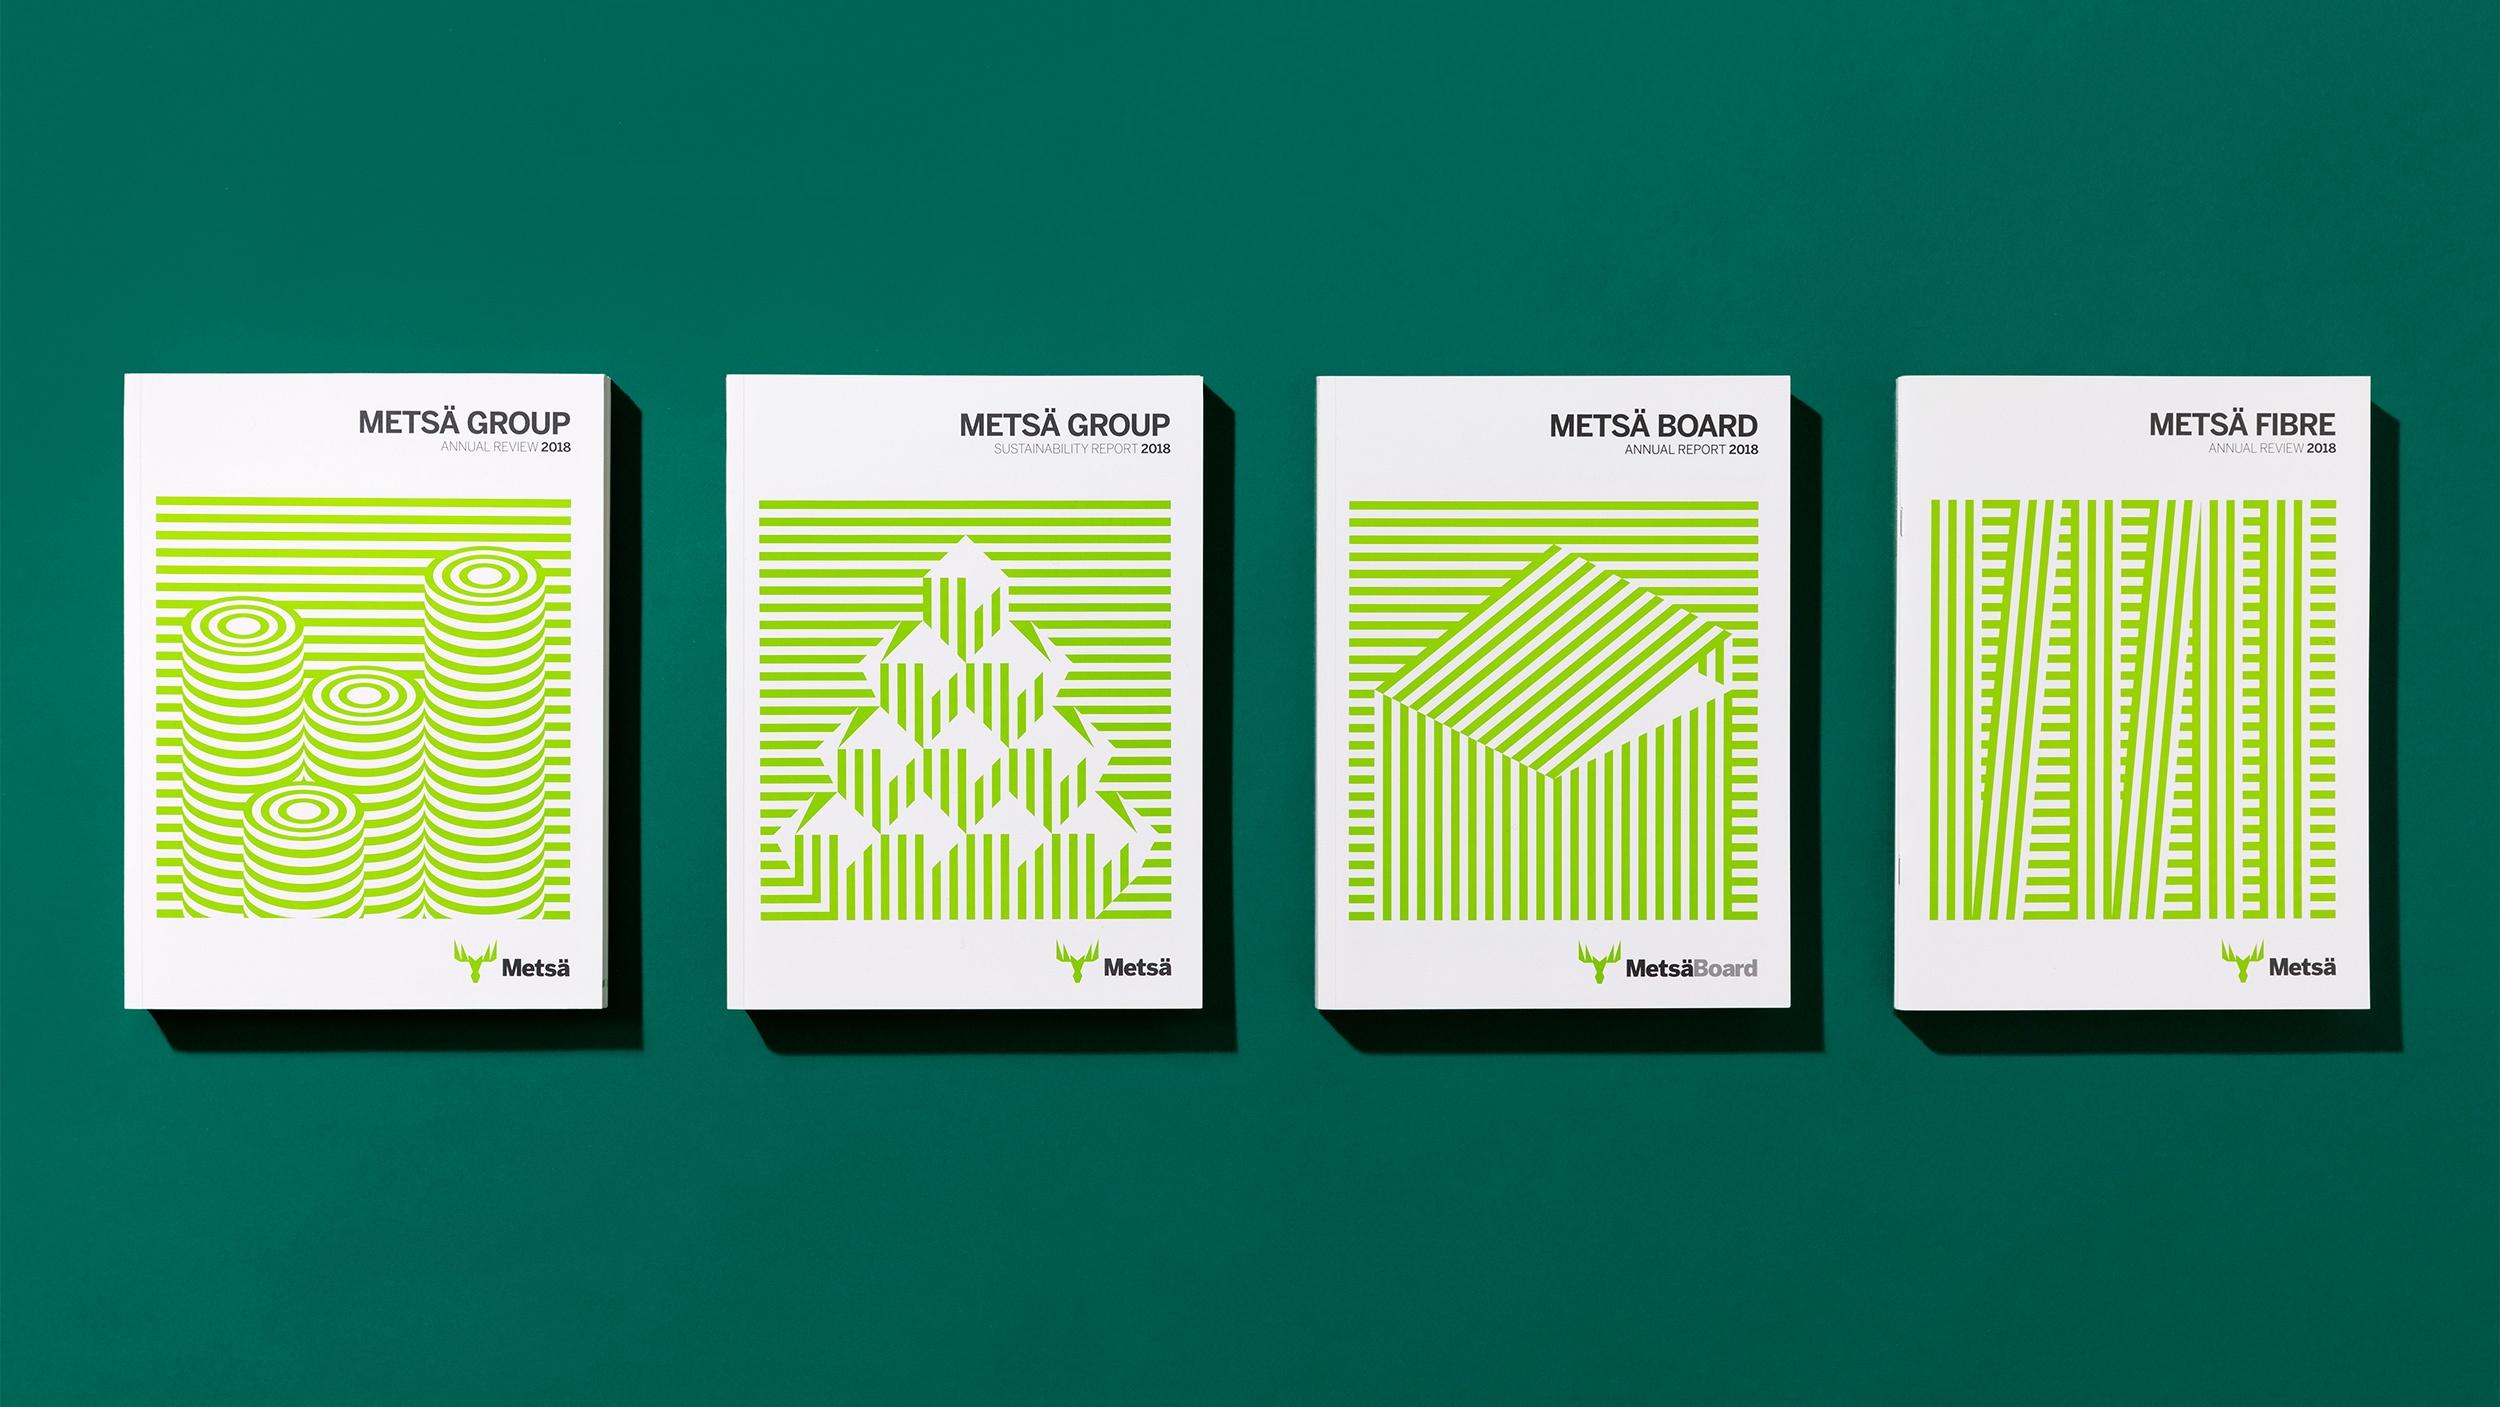 Vuosikertomukset saivat minimalistiset kannet